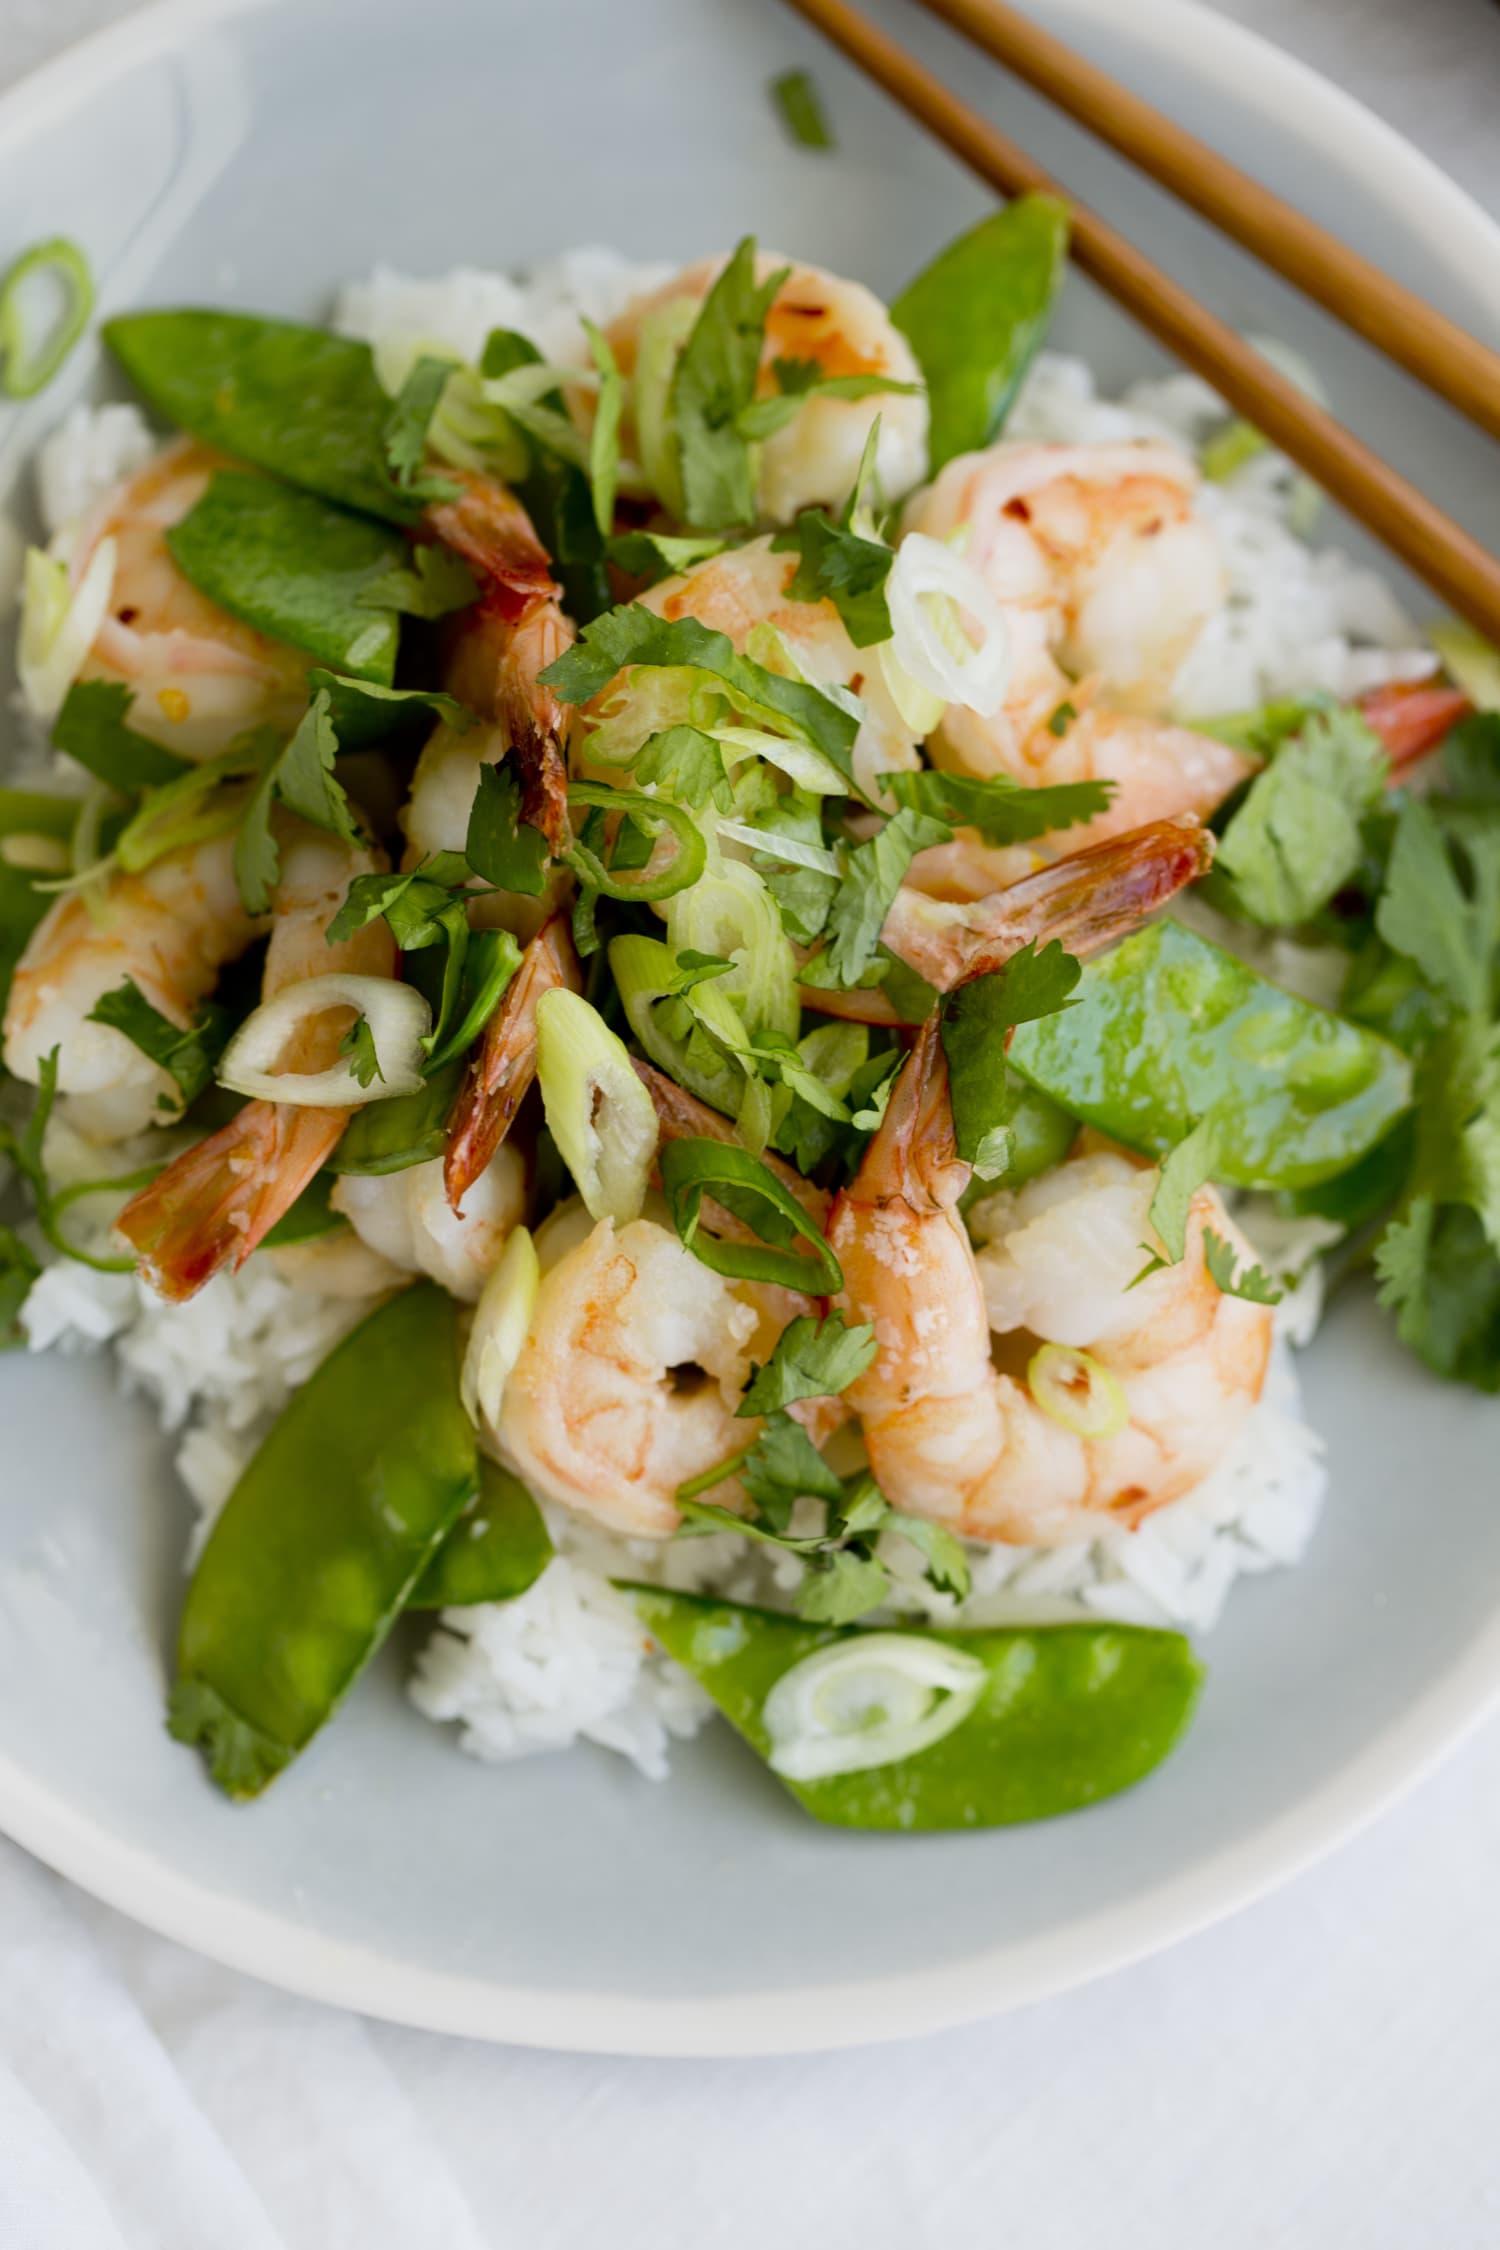 Make Garlic Honey Lime Shrimp for Dinner in 15 Minutes